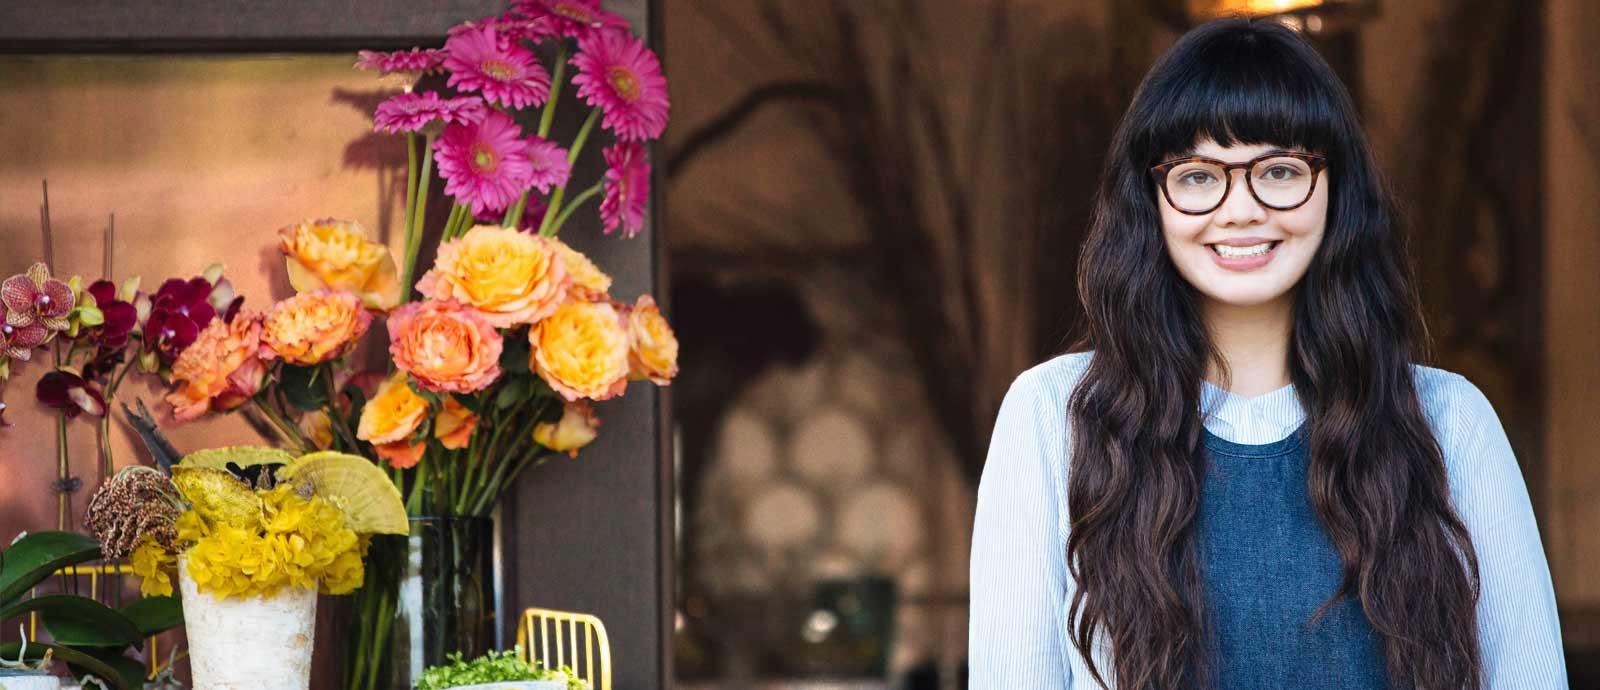 안경을 쓴 젊은 여성이 미소를 지으며 화분 옆에 서 있는 모습